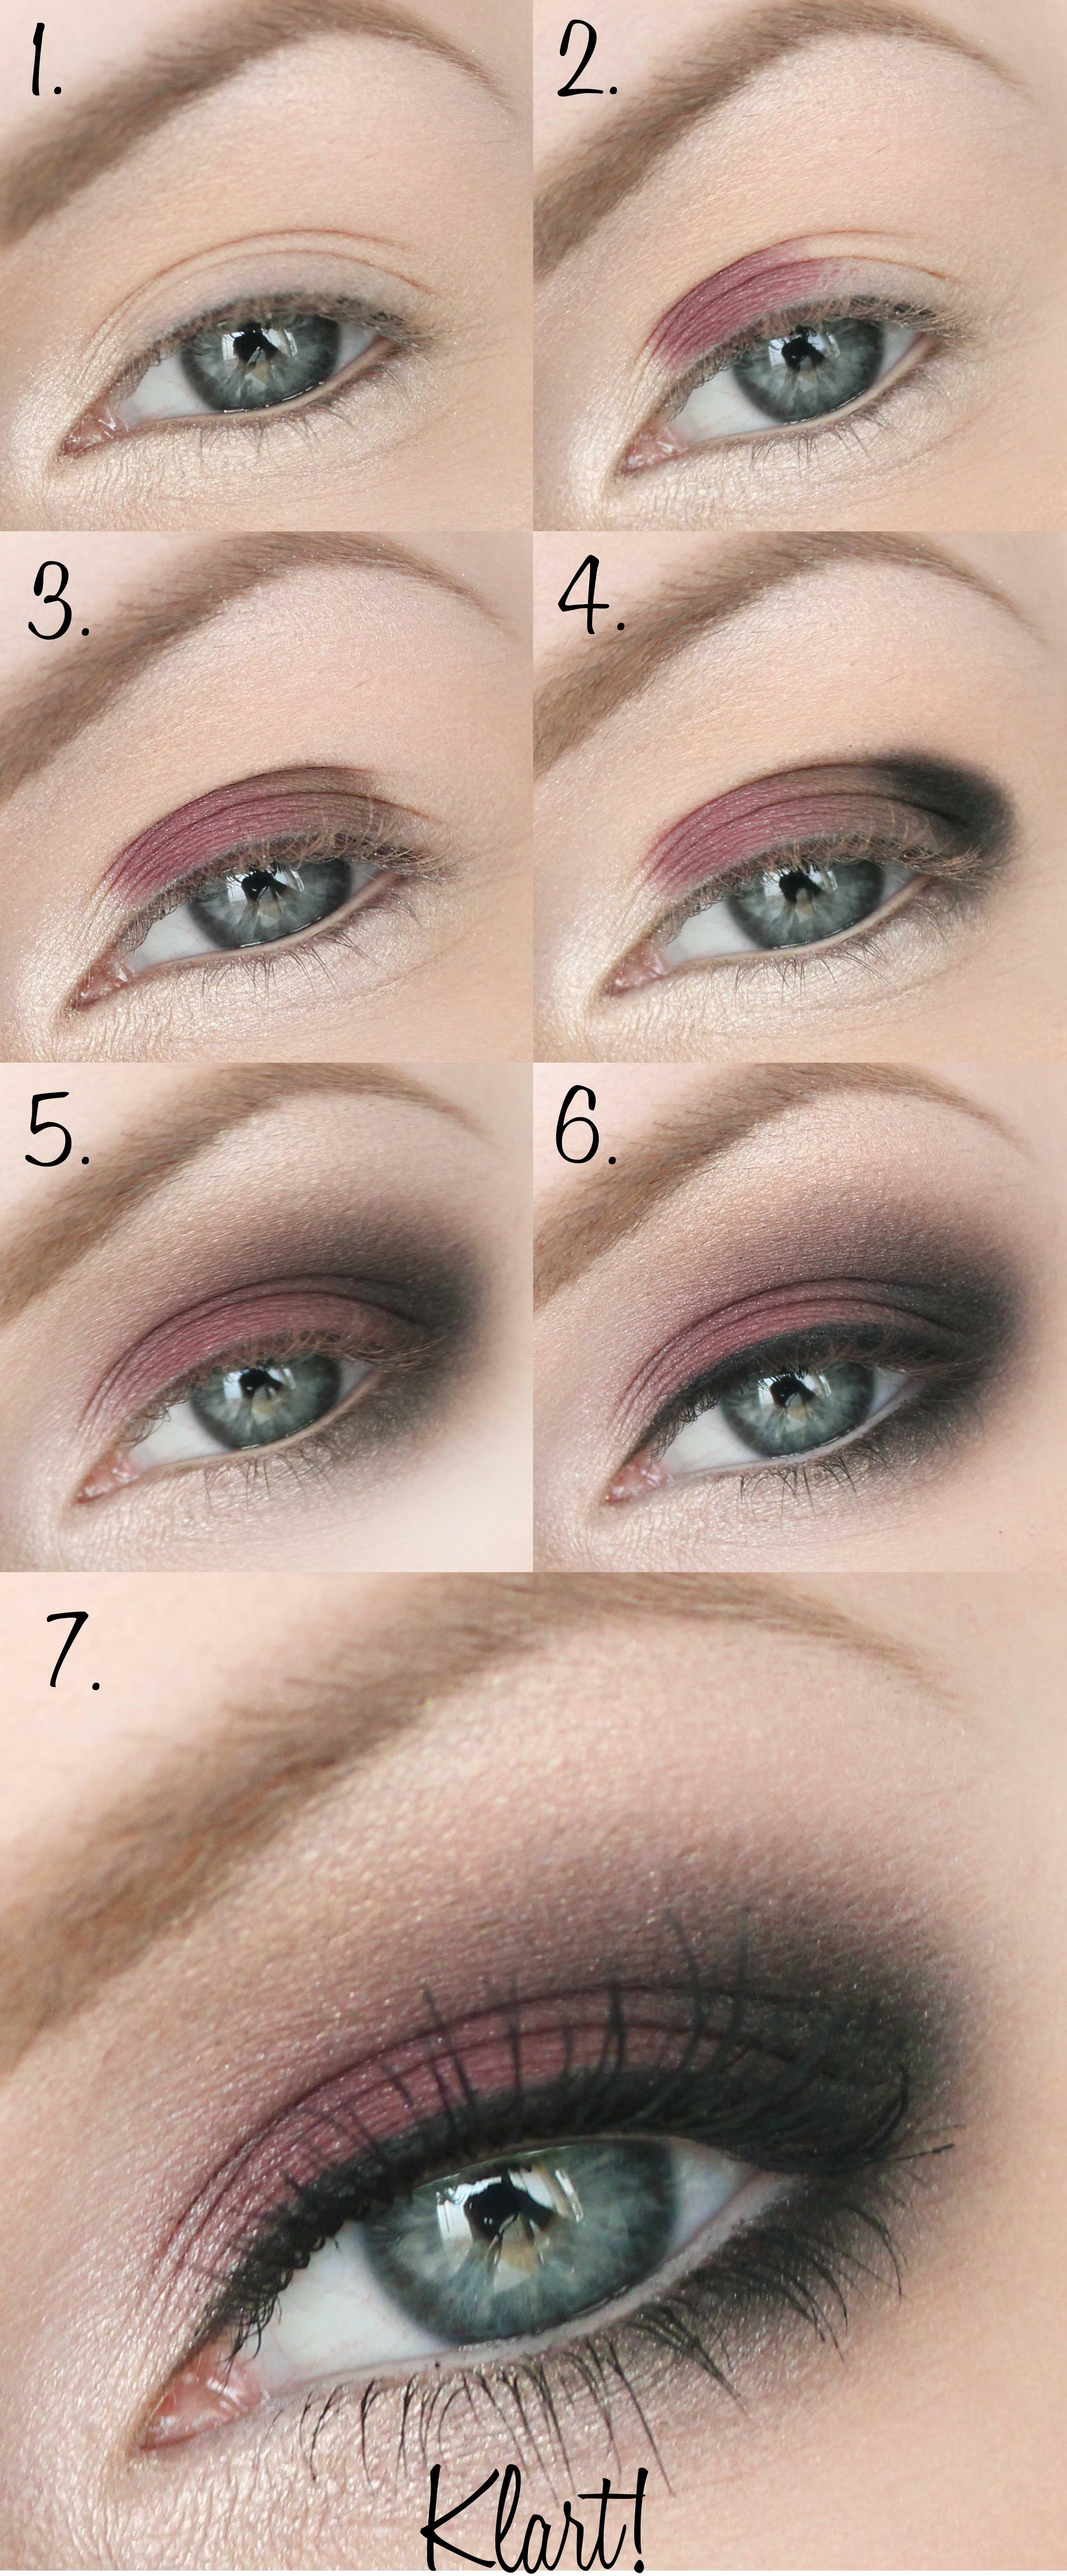 Burgundy Decarbonizing Step By Step Machiaje Simple Eye Makeup